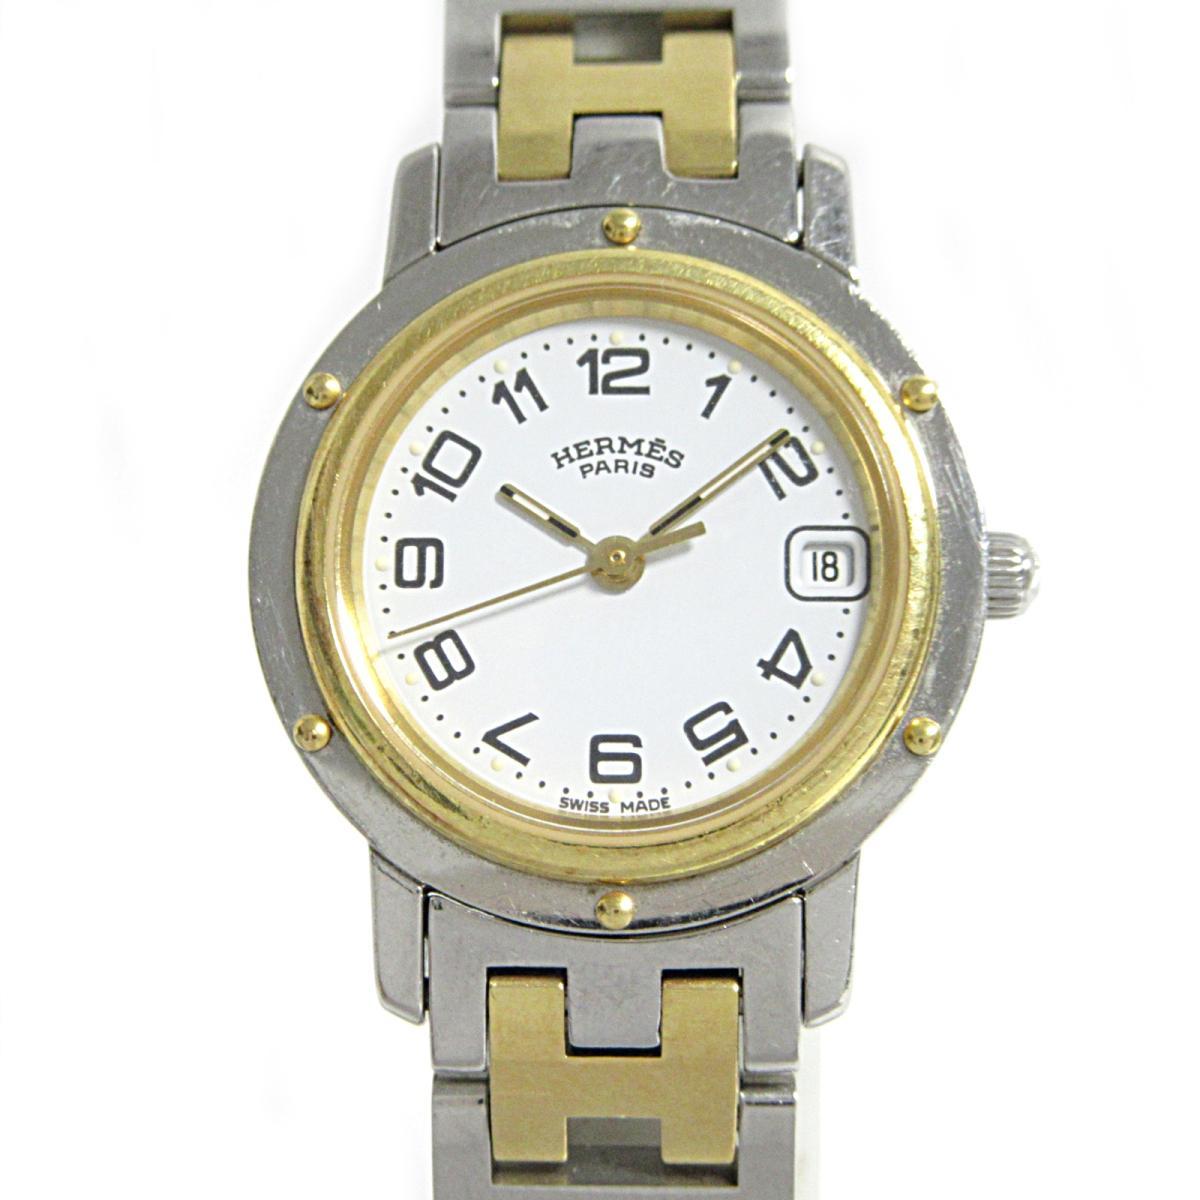 ≪期間限定≫メルマガ登録でクーポンGET! 【中古】 エルメス クリッパー 腕時計 ウォッチ レディース ステンレススチール (SS) GP (CL4.220) | HERMES BRANDOFF ブランドオフ ブランド ブランド時計 ブランド腕時計 時計